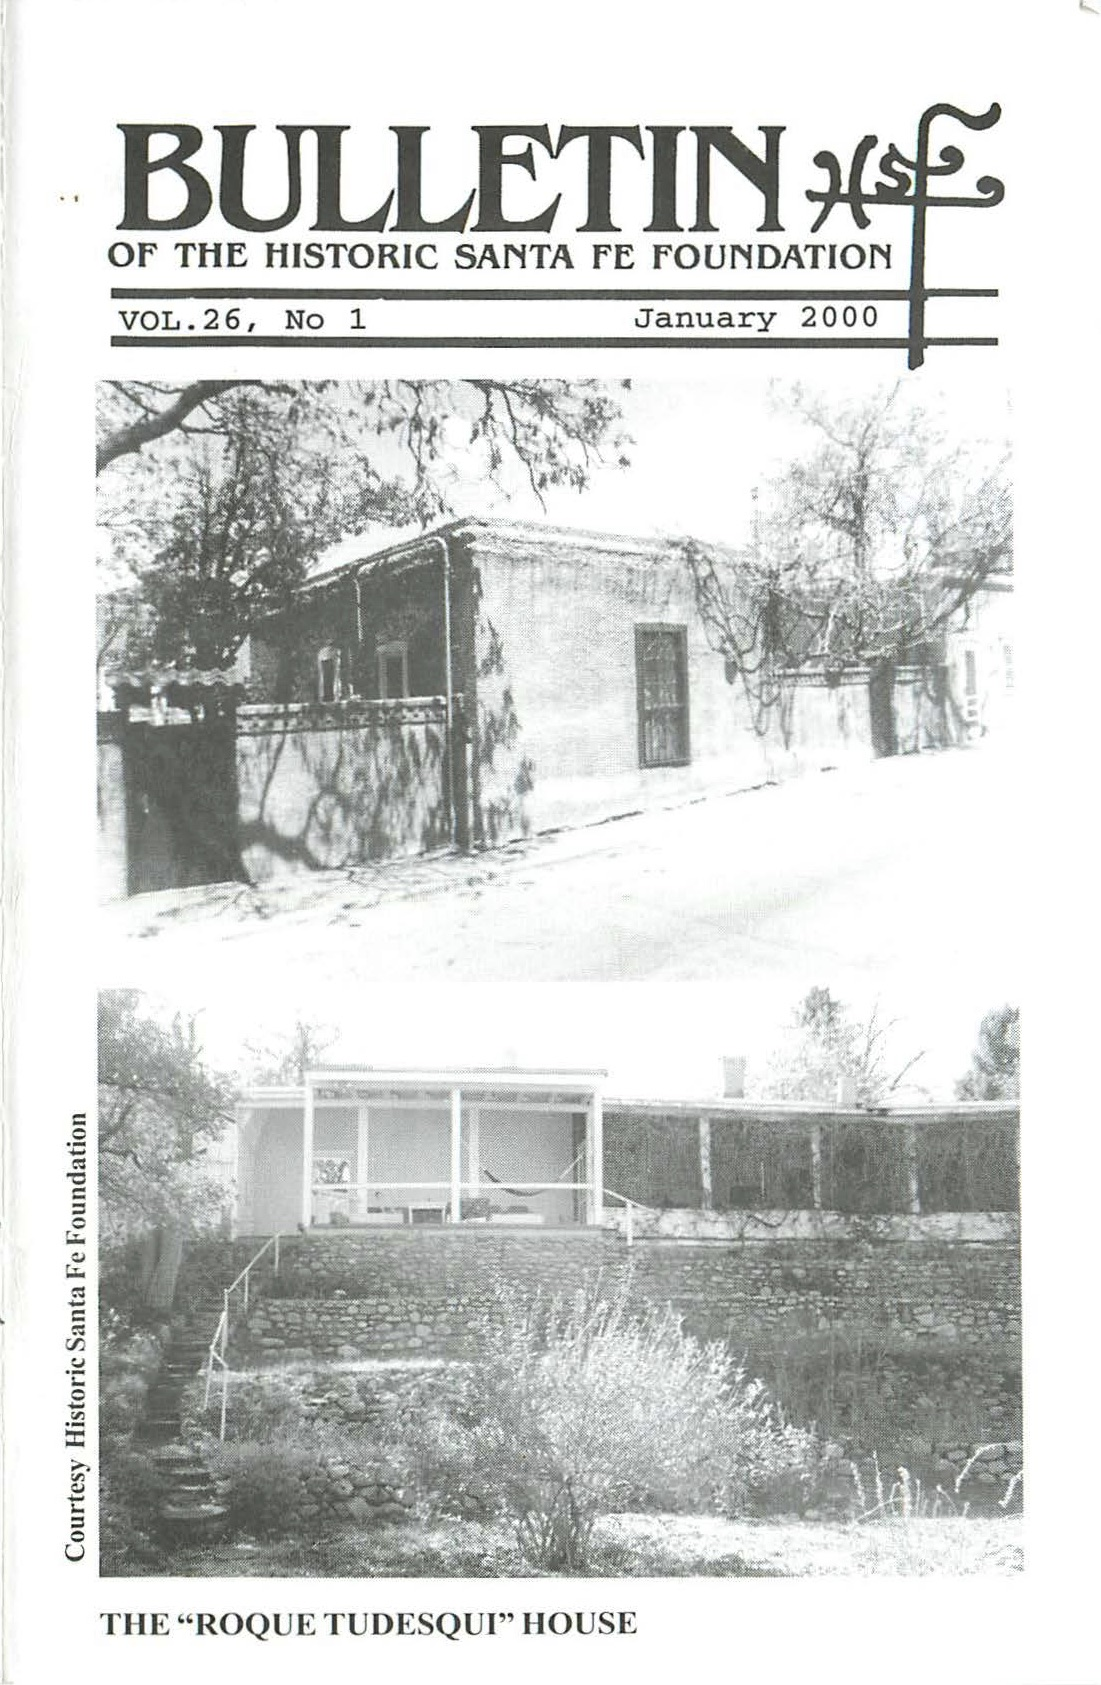 2000 HSFF Bulletin Vol.26 No.1 Cover